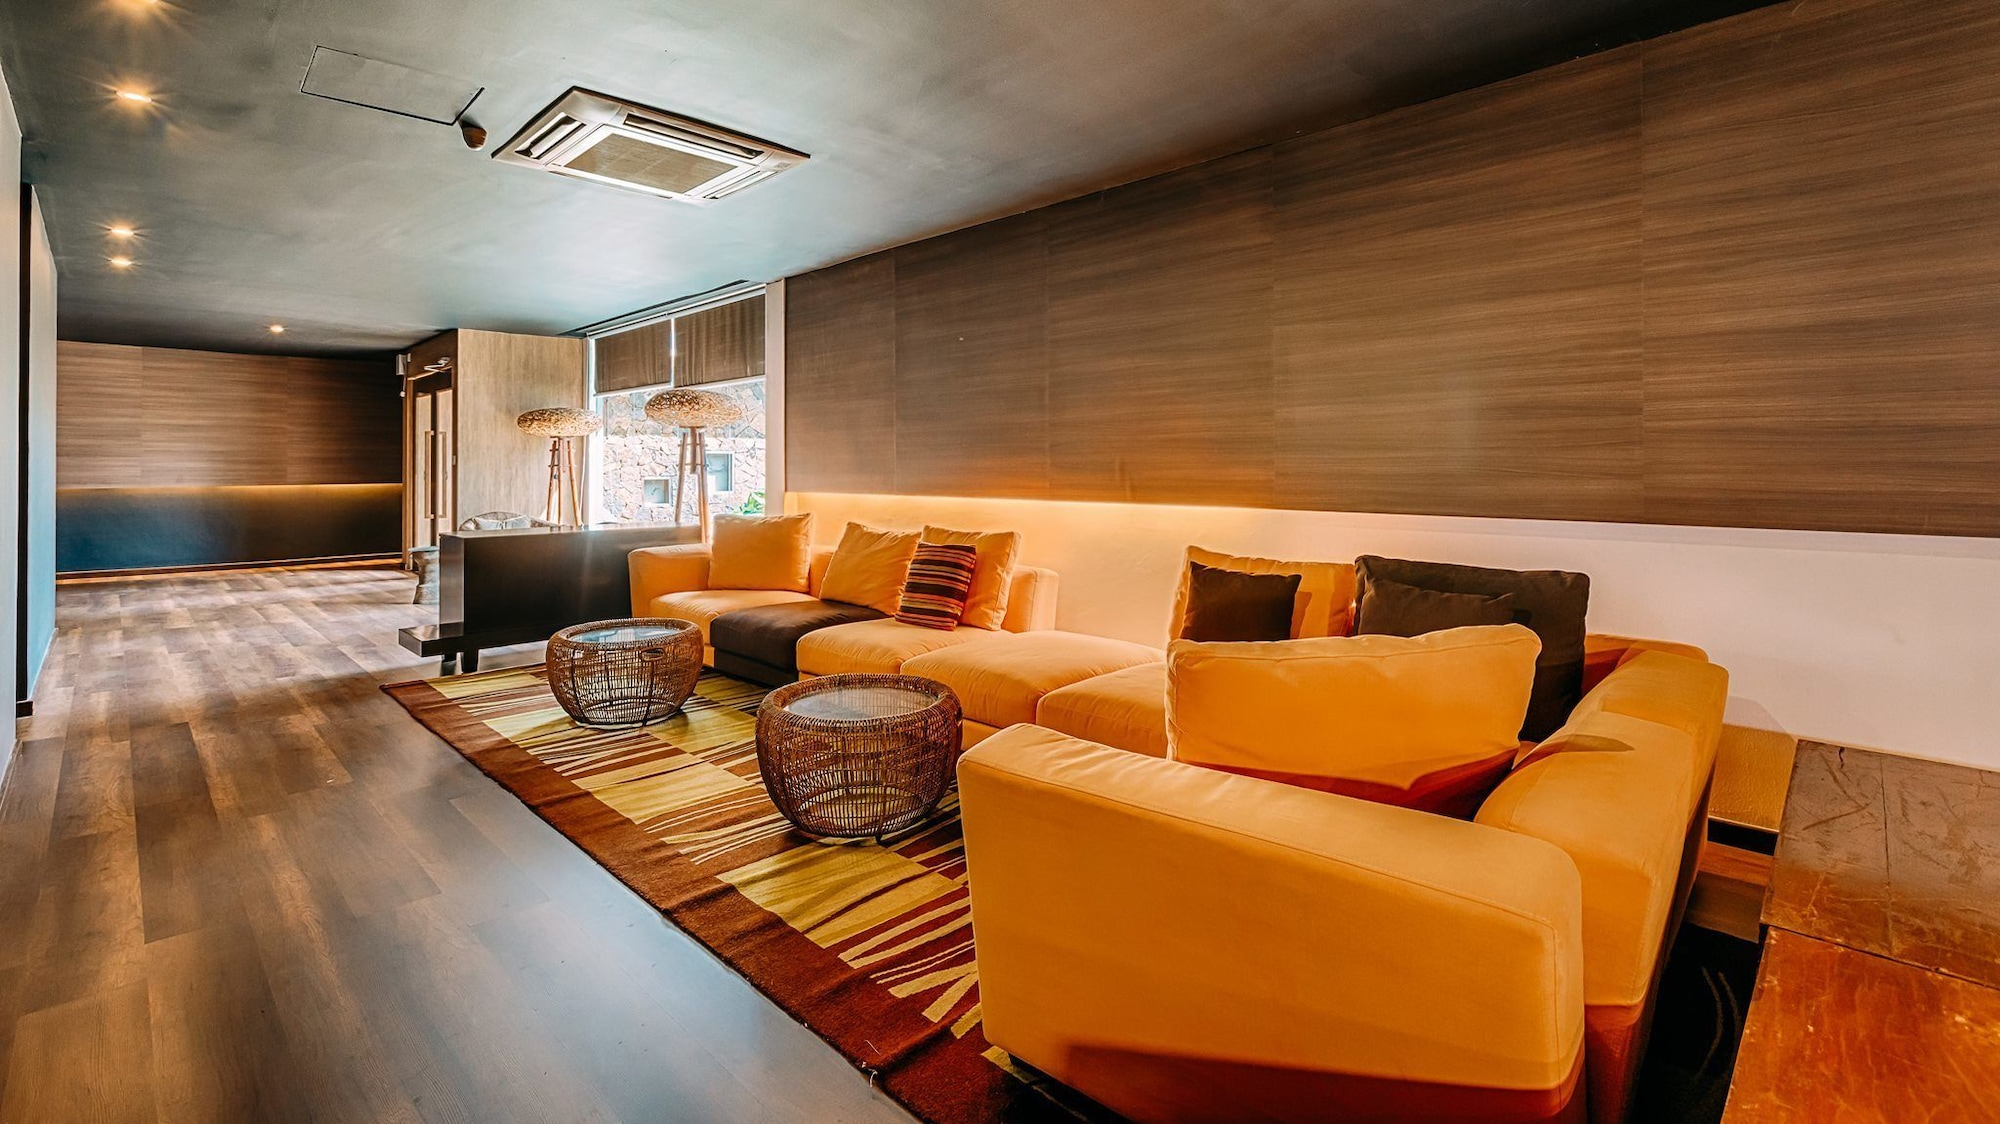 Lot 33 Boutique Hotel, Langkawi